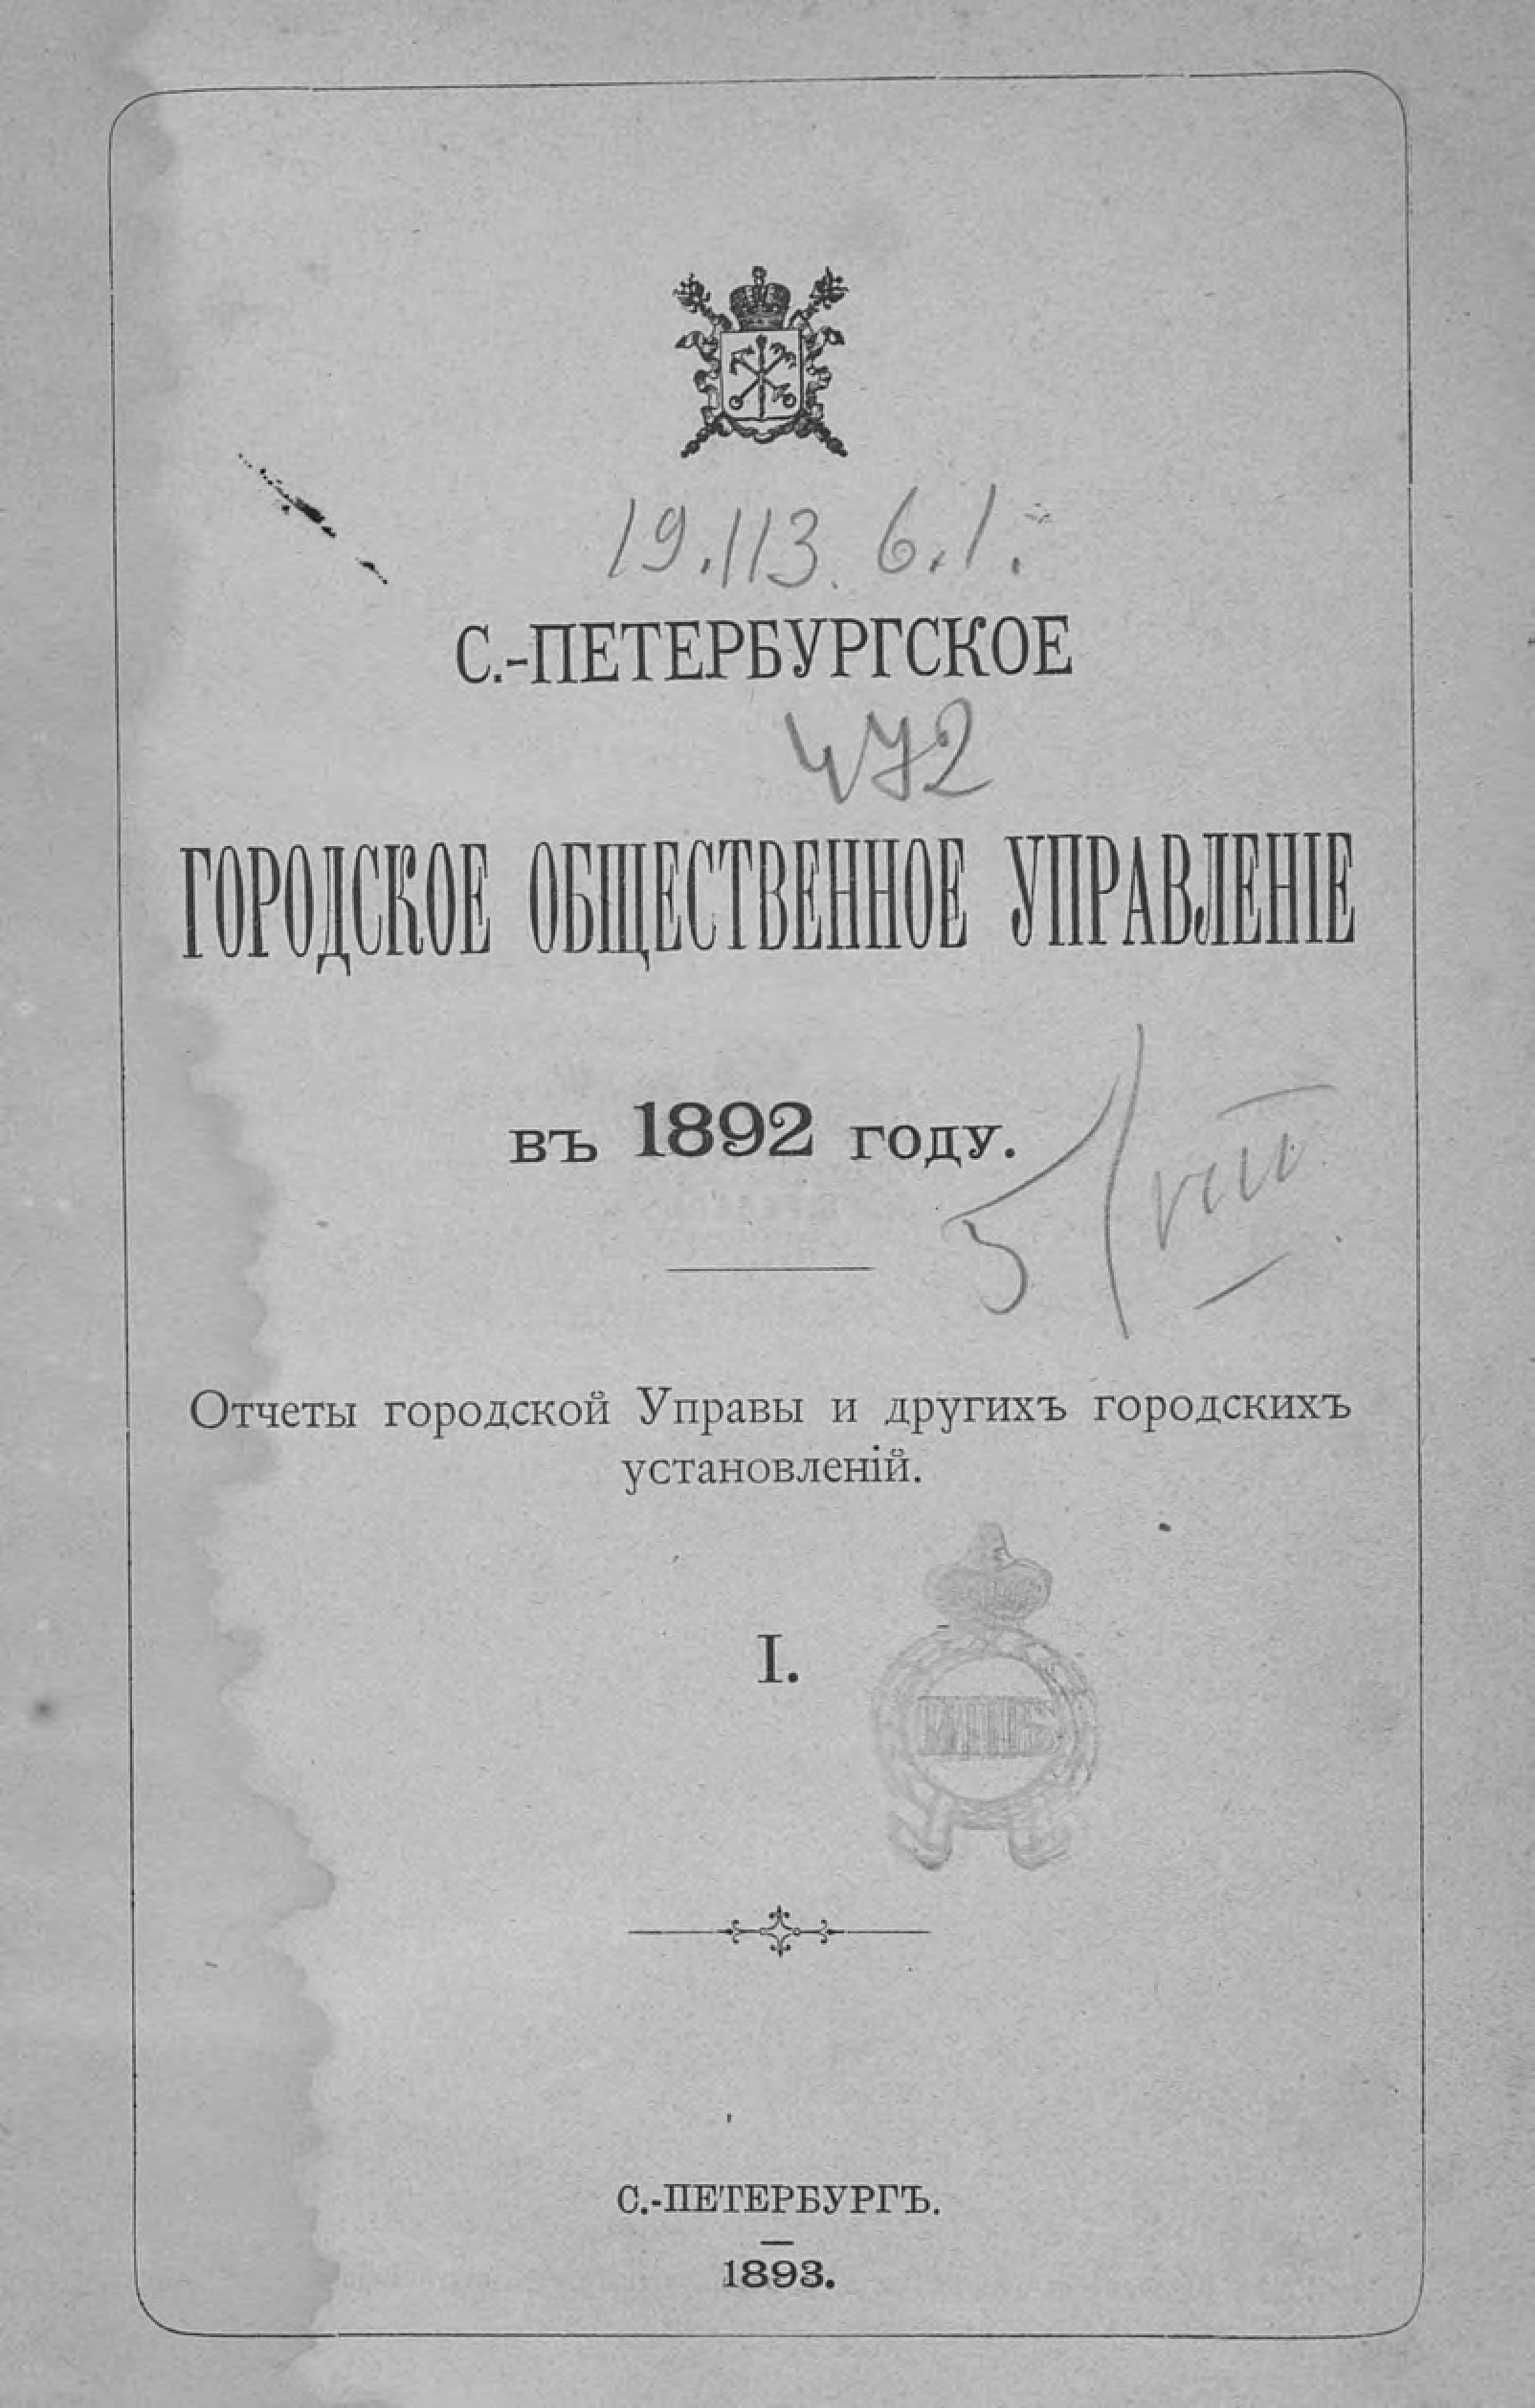 Коллектив авторов Отчет городской управы за 1892 г. Часть 1 коллектив авторов отчет городской управы за 1913 г часть 8